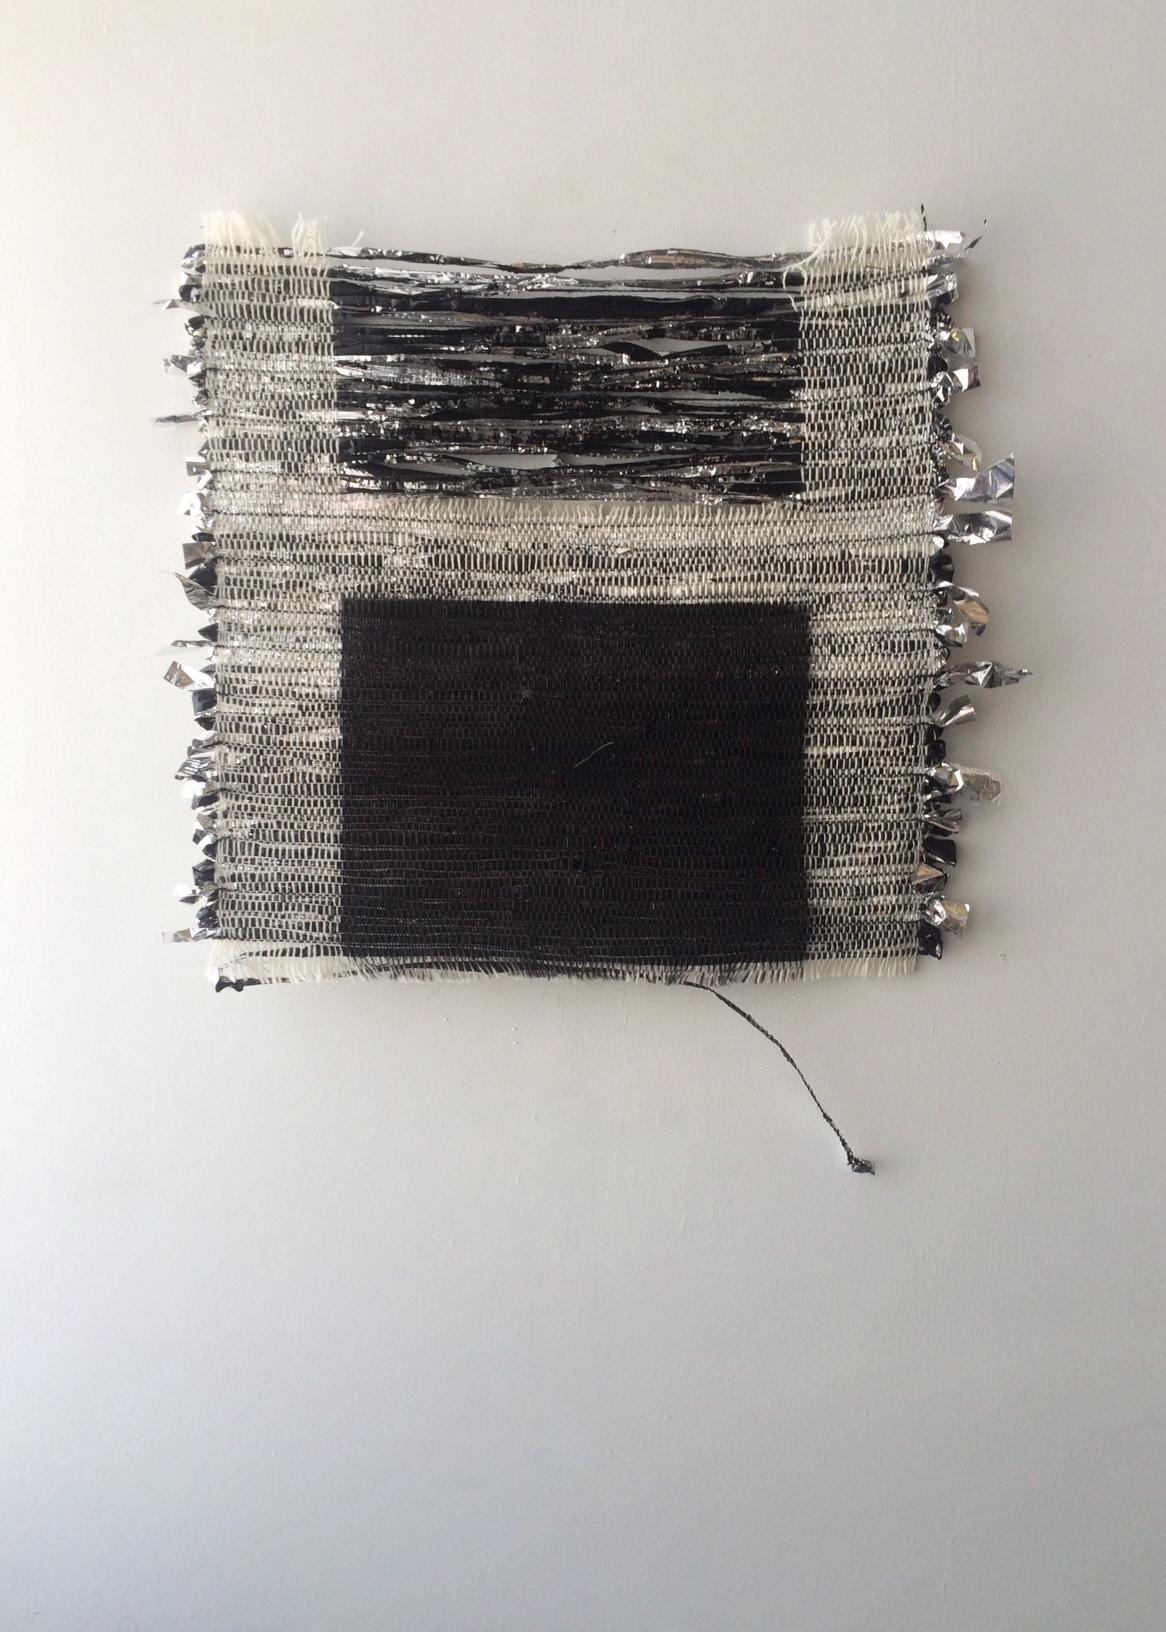 Emergency Blanket II, 2016